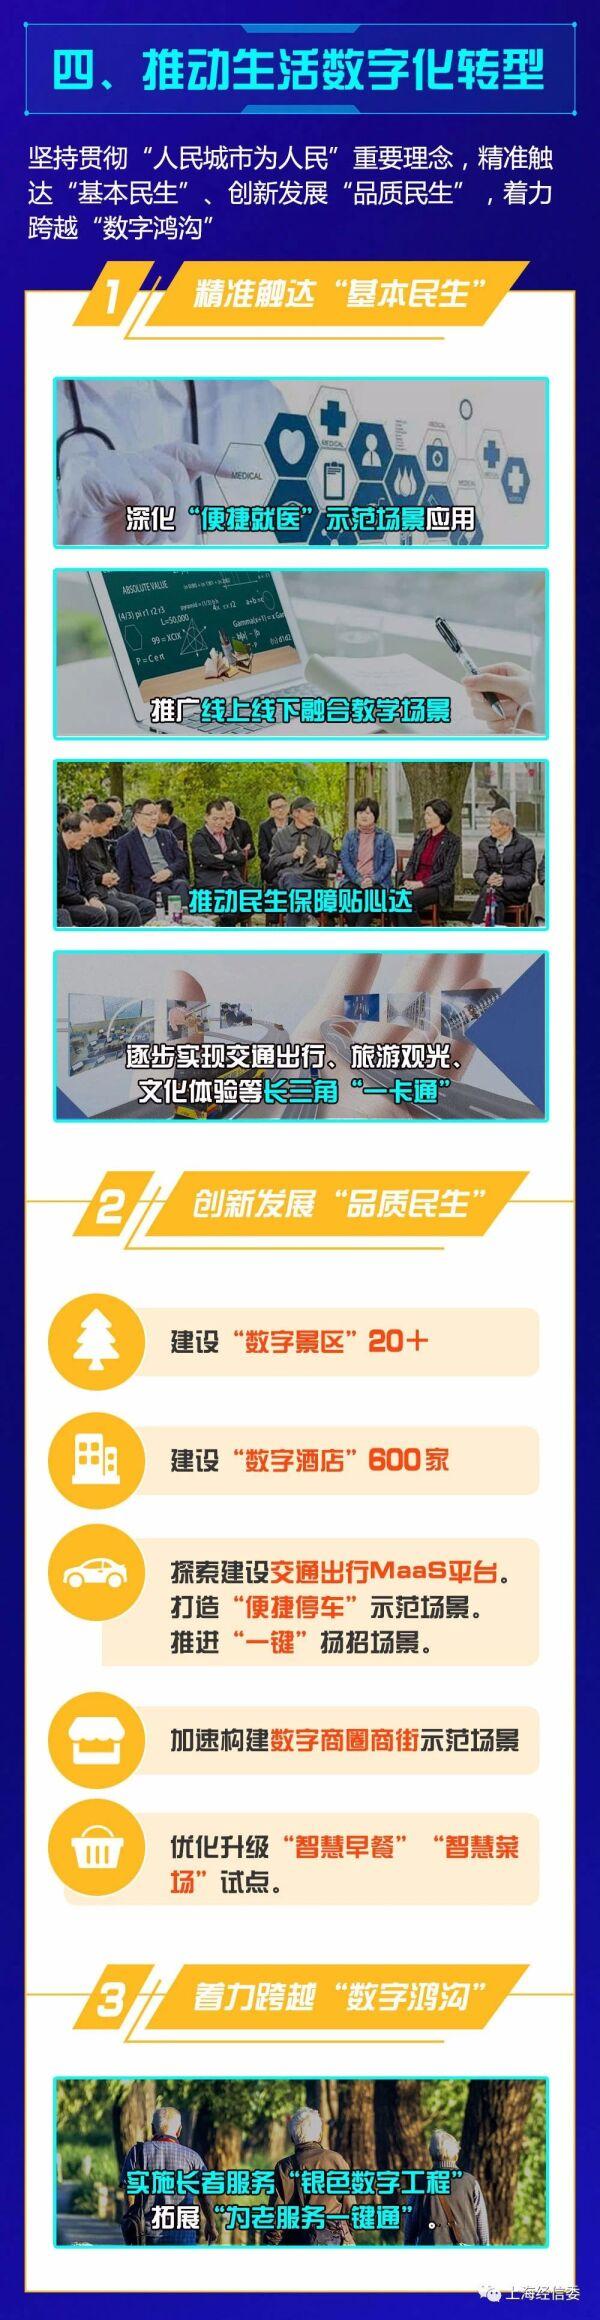 《2021年上海市城市数字化转型重点工作安排》